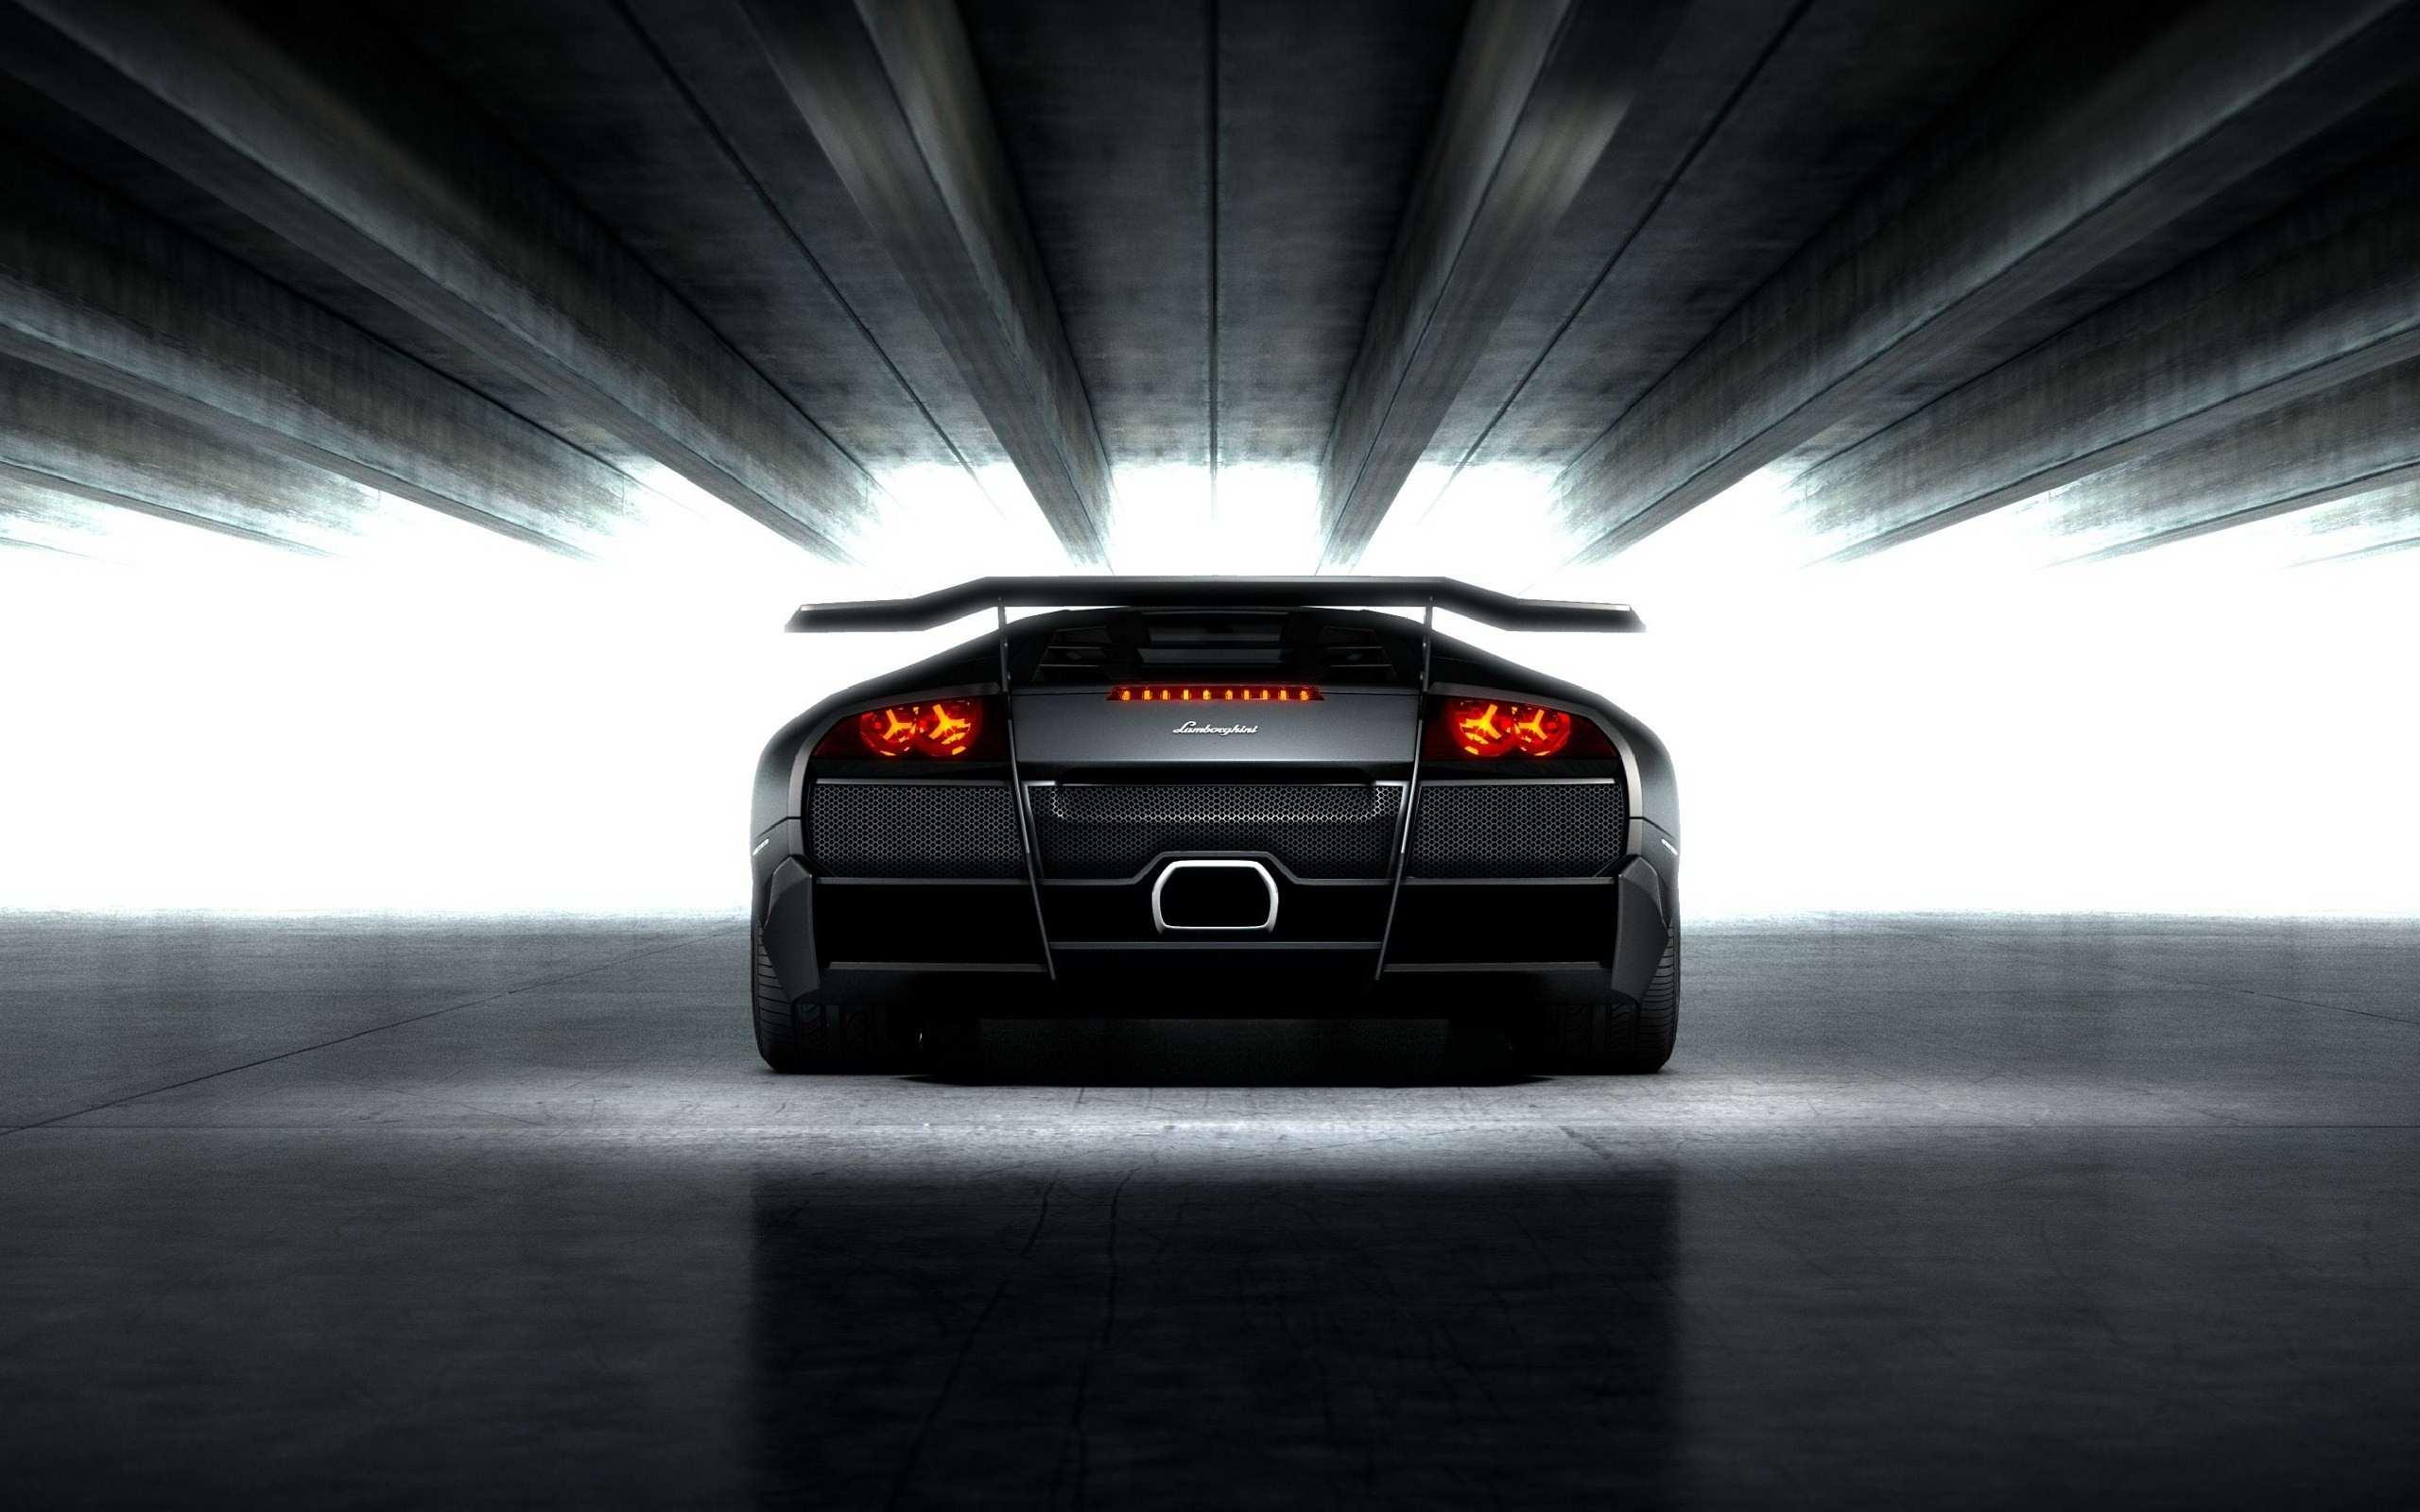 دانلود مدل سه بعدی لامبورگینی رونتون Lamborghini Reventon